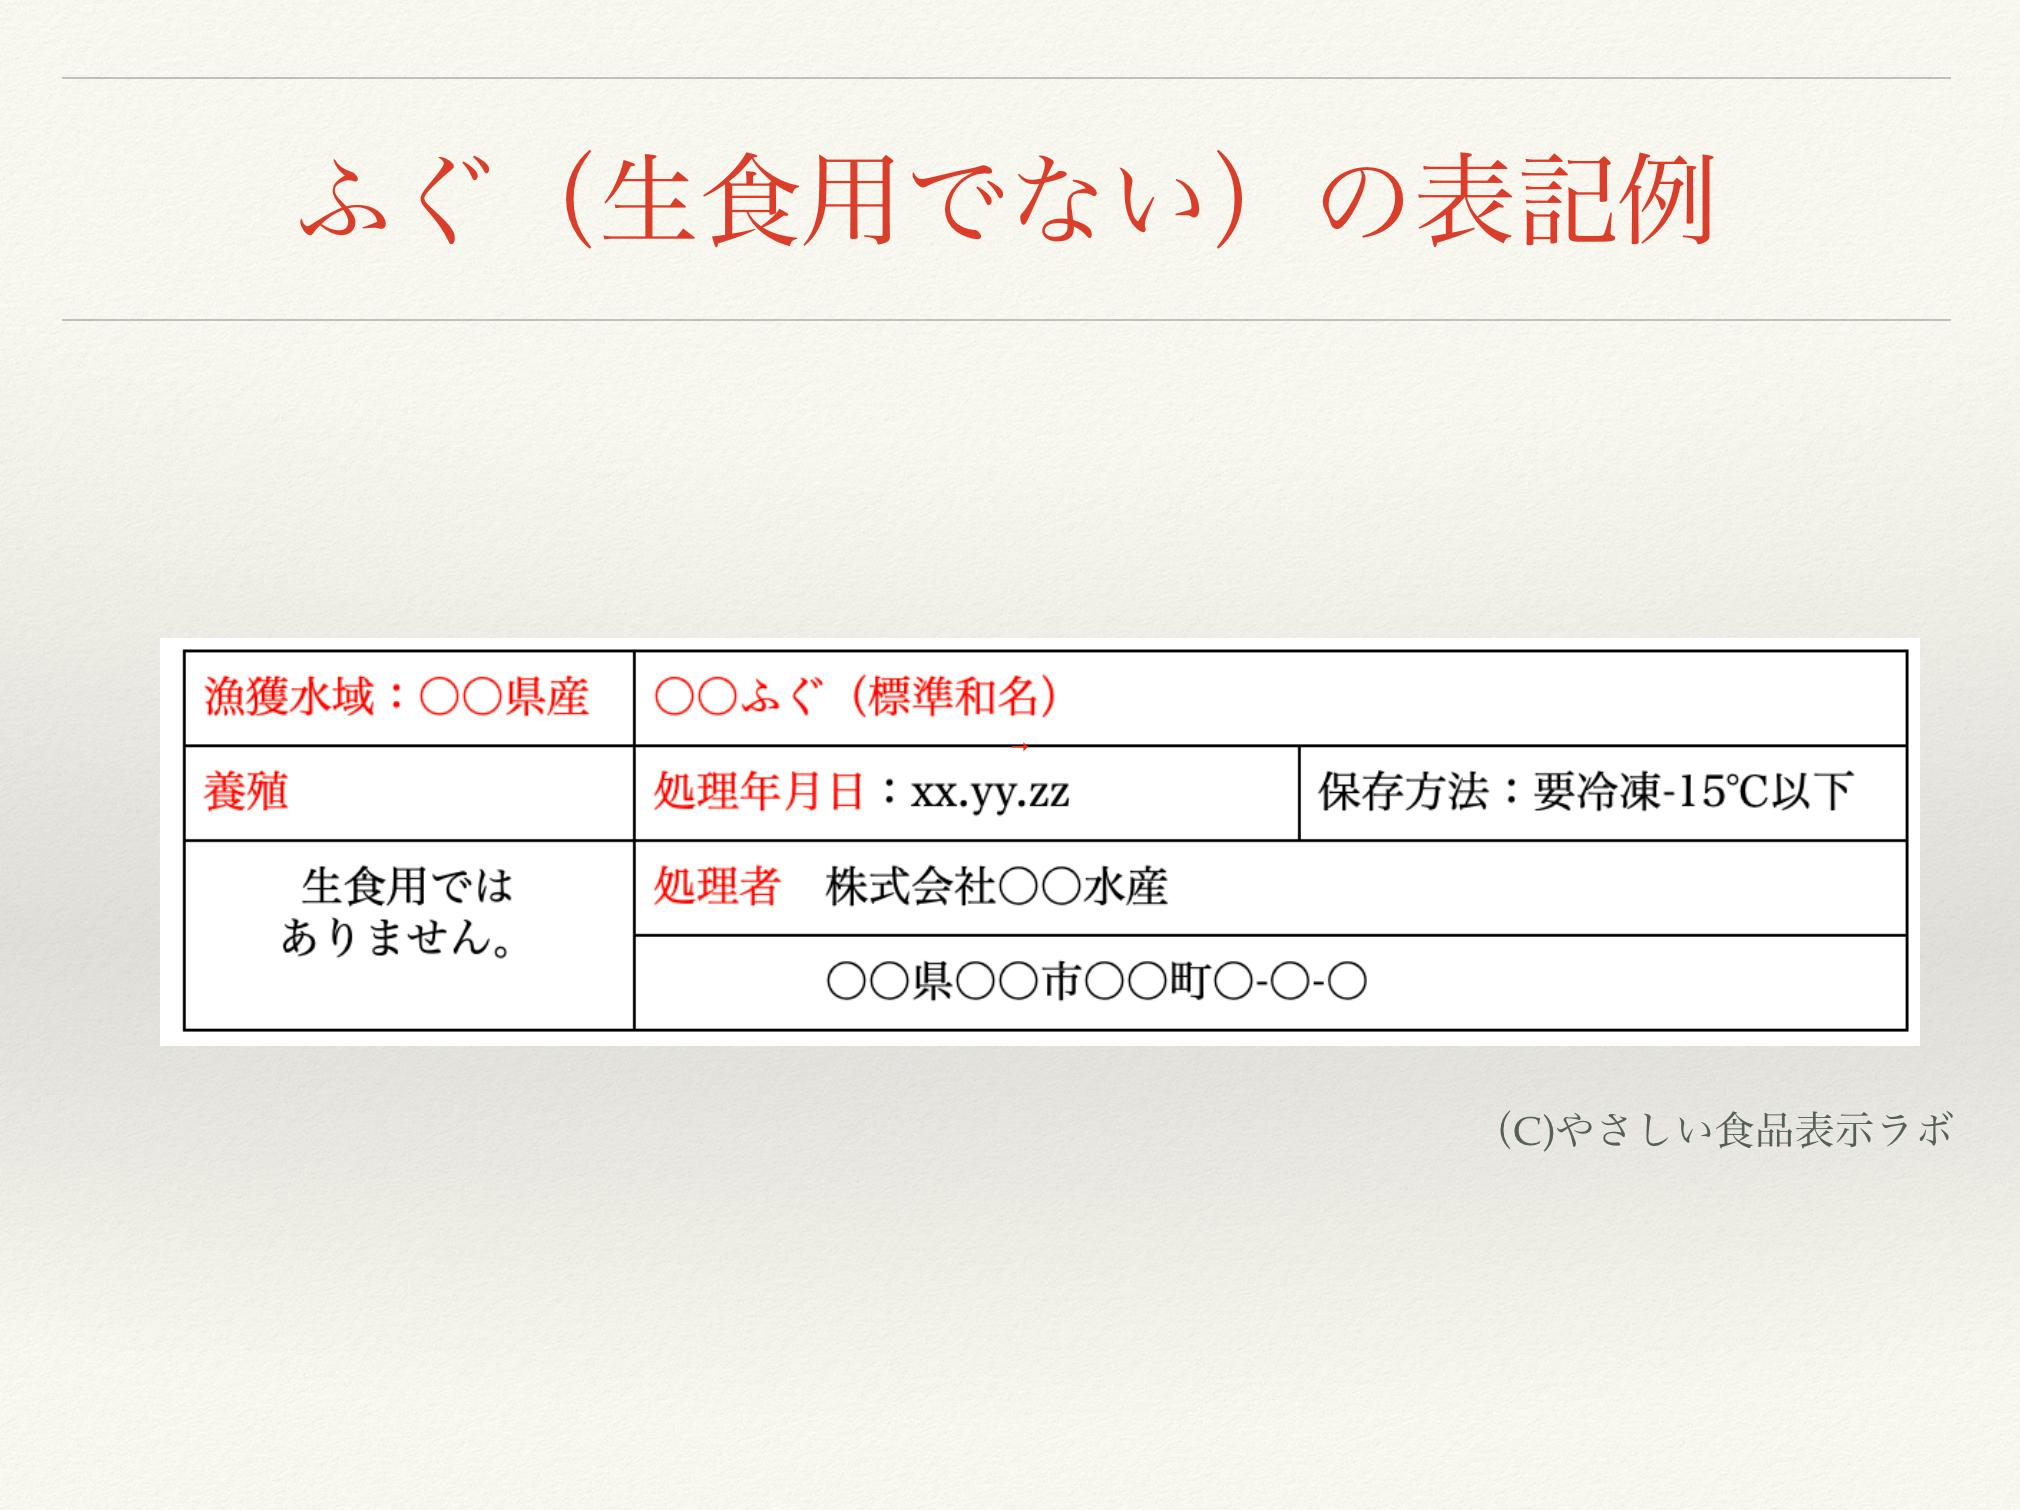 ふぐ(生食用でない)の食品表示例